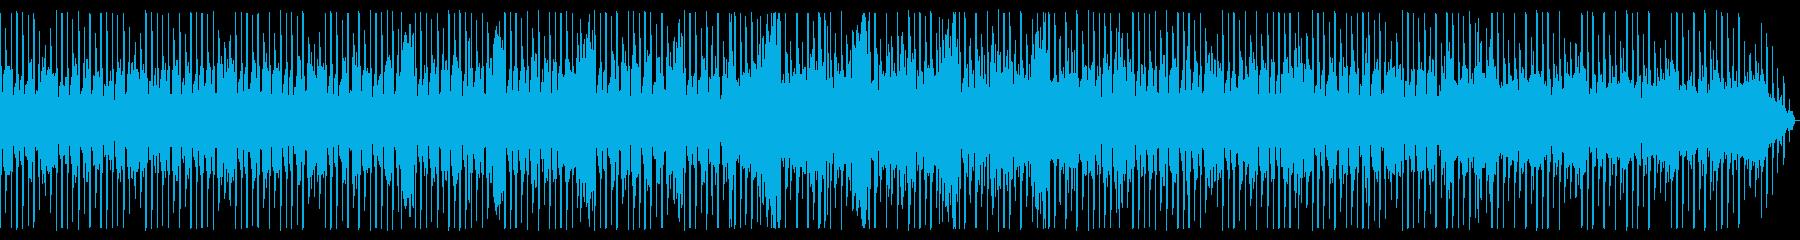 近未来 電子音 疾走感のあるテクノの再生済みの波形